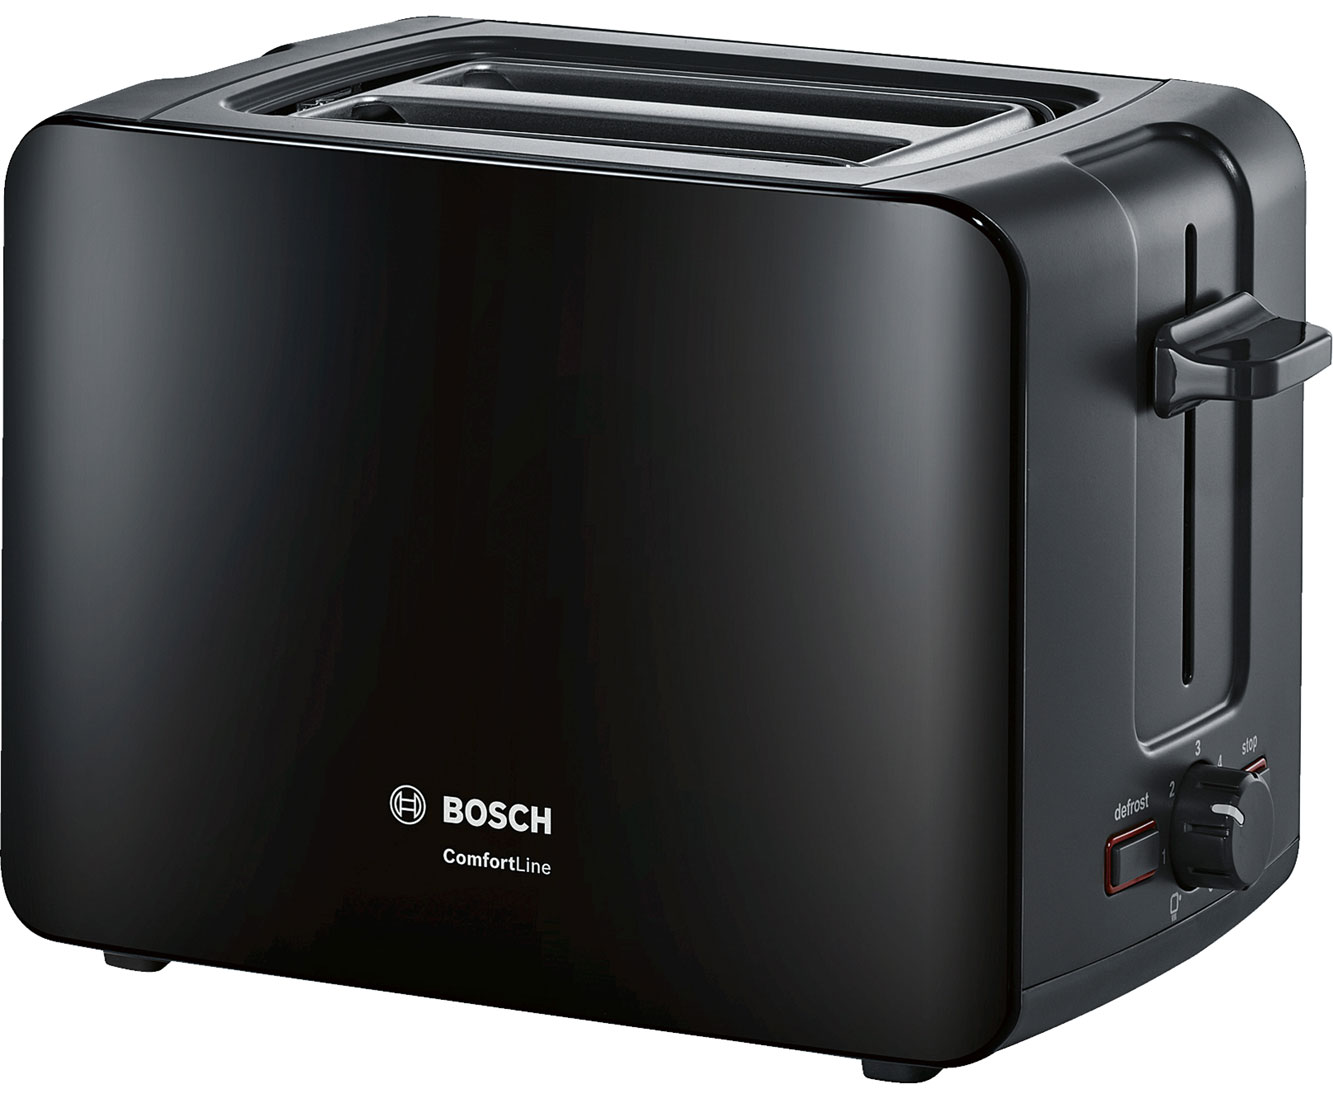 bosch toaster online kaufen m bel suchmaschine. Black Bedroom Furniture Sets. Home Design Ideas